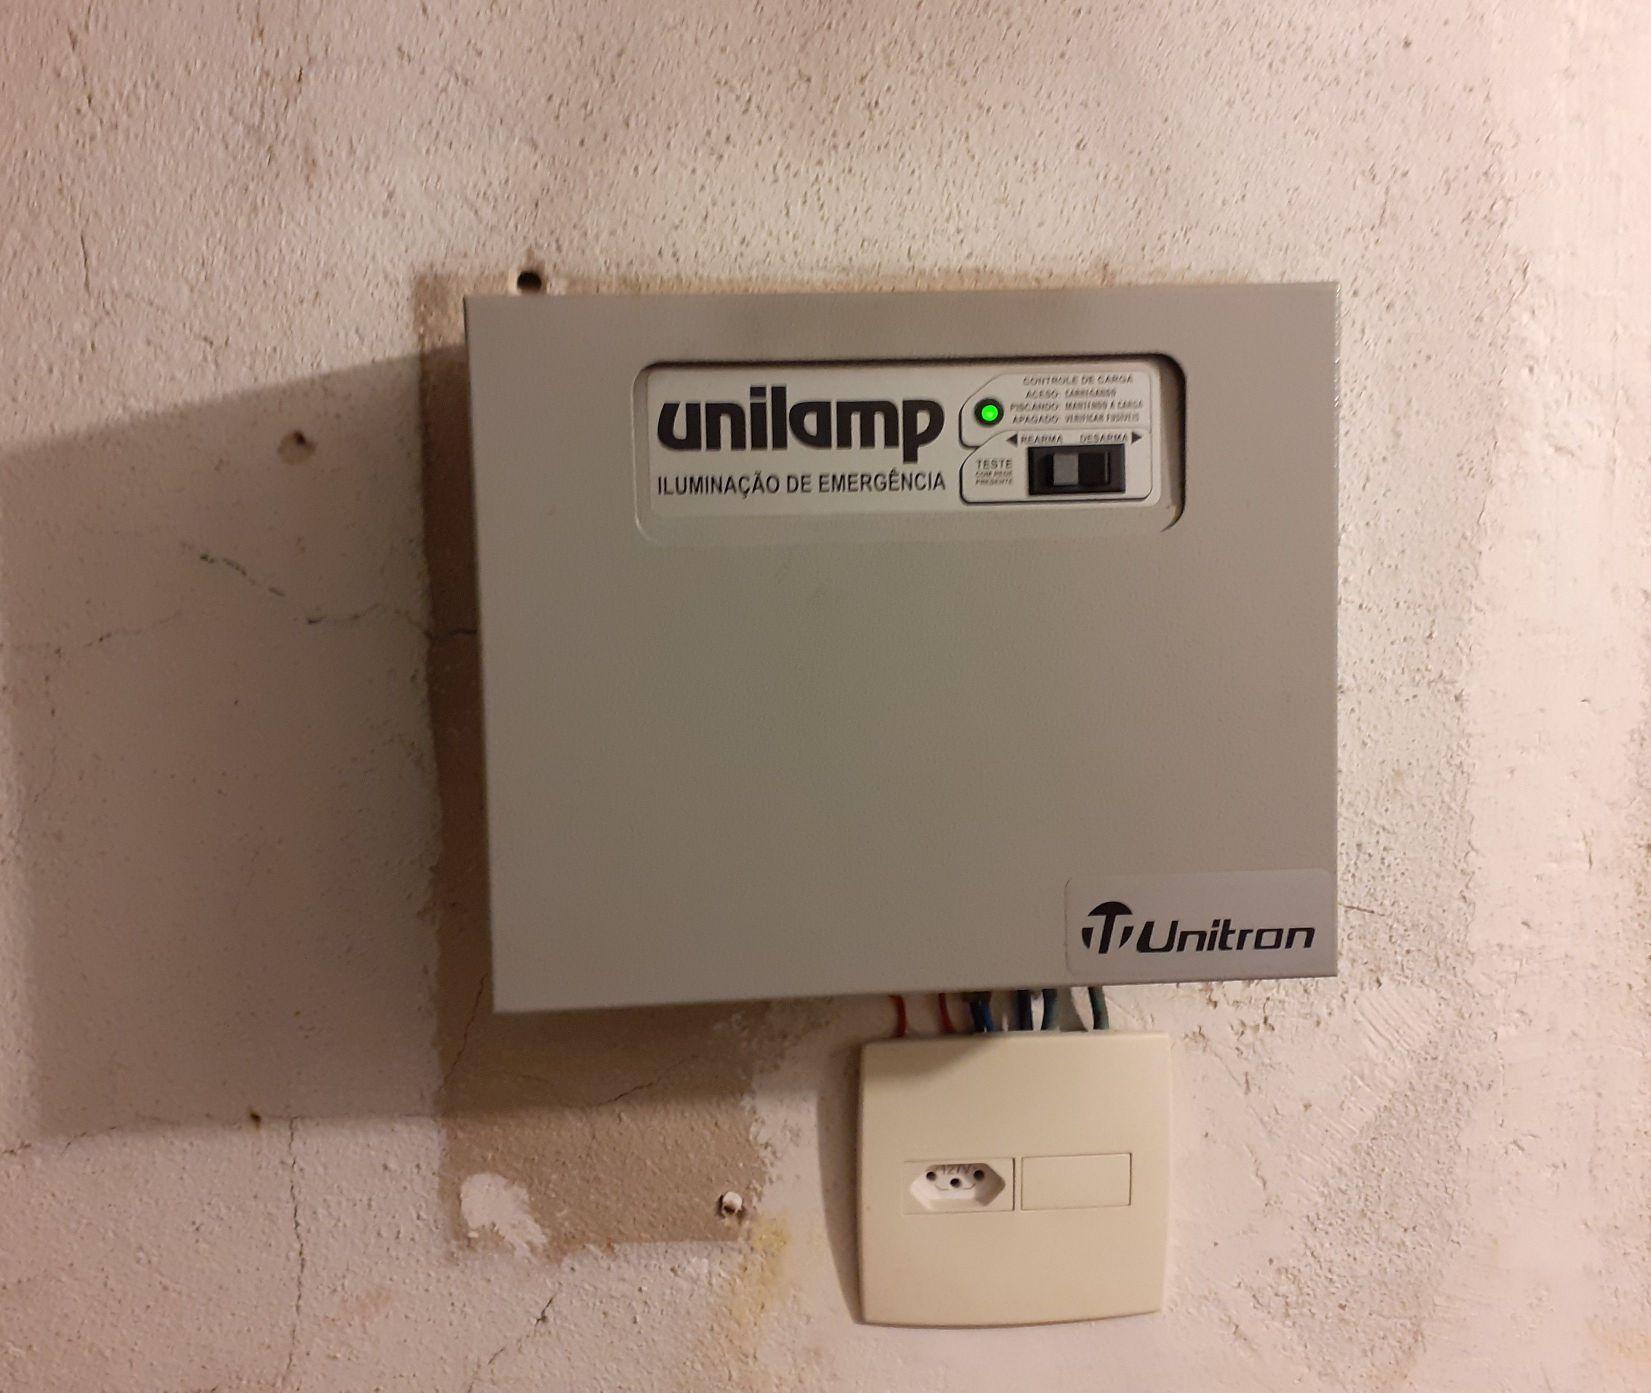 central de iluminação de emergência com a placa qu